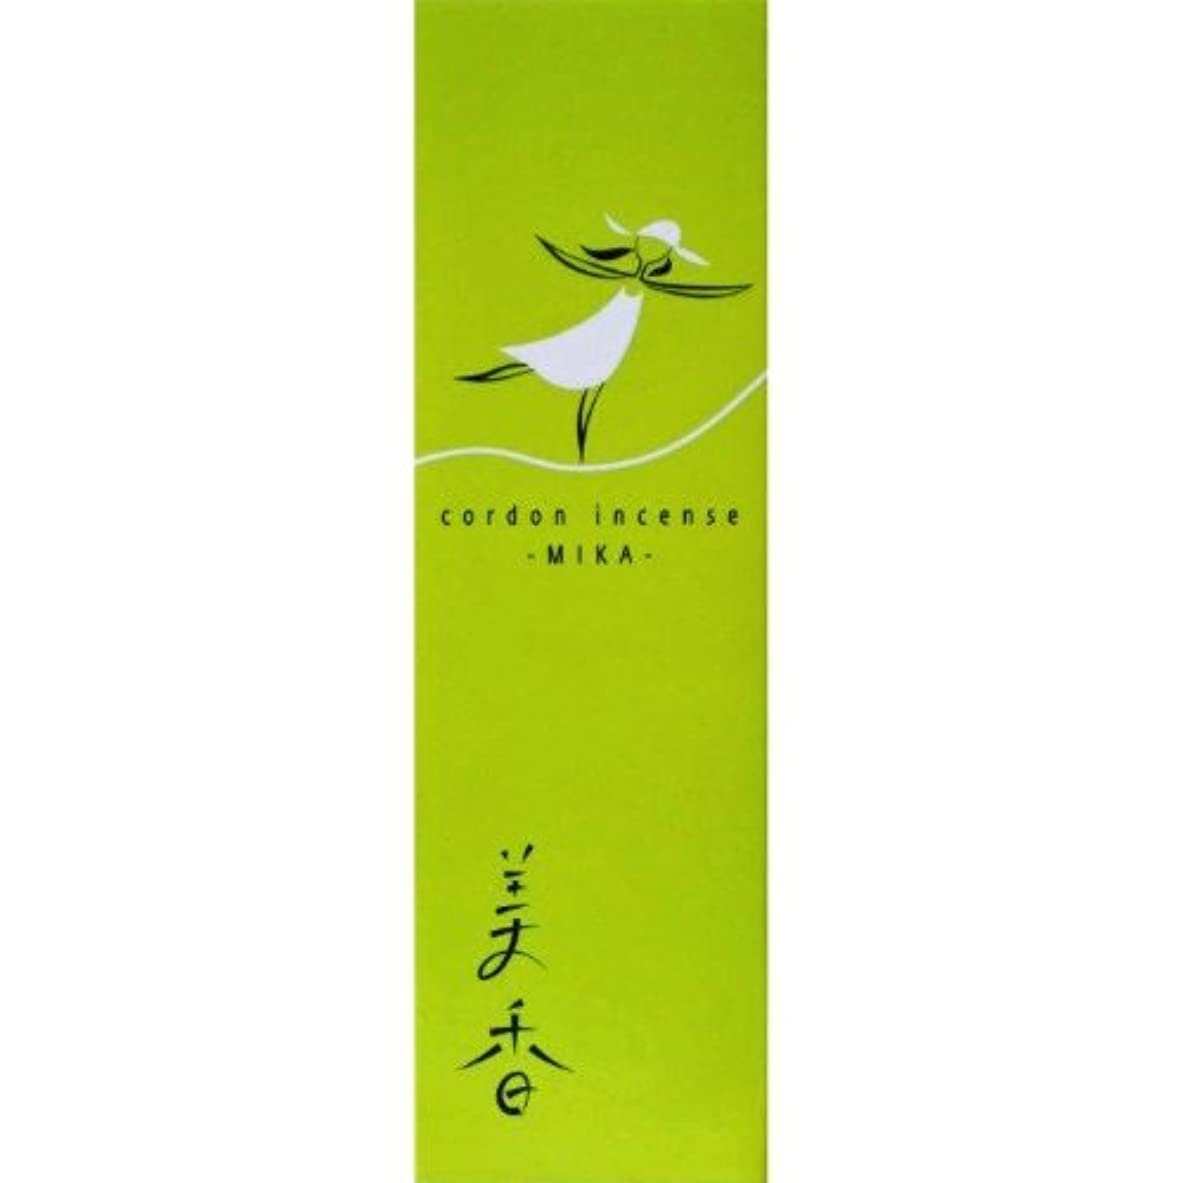 パイプライン黙わずかに薫寿堂 紙のお香 美香 草原の輝き